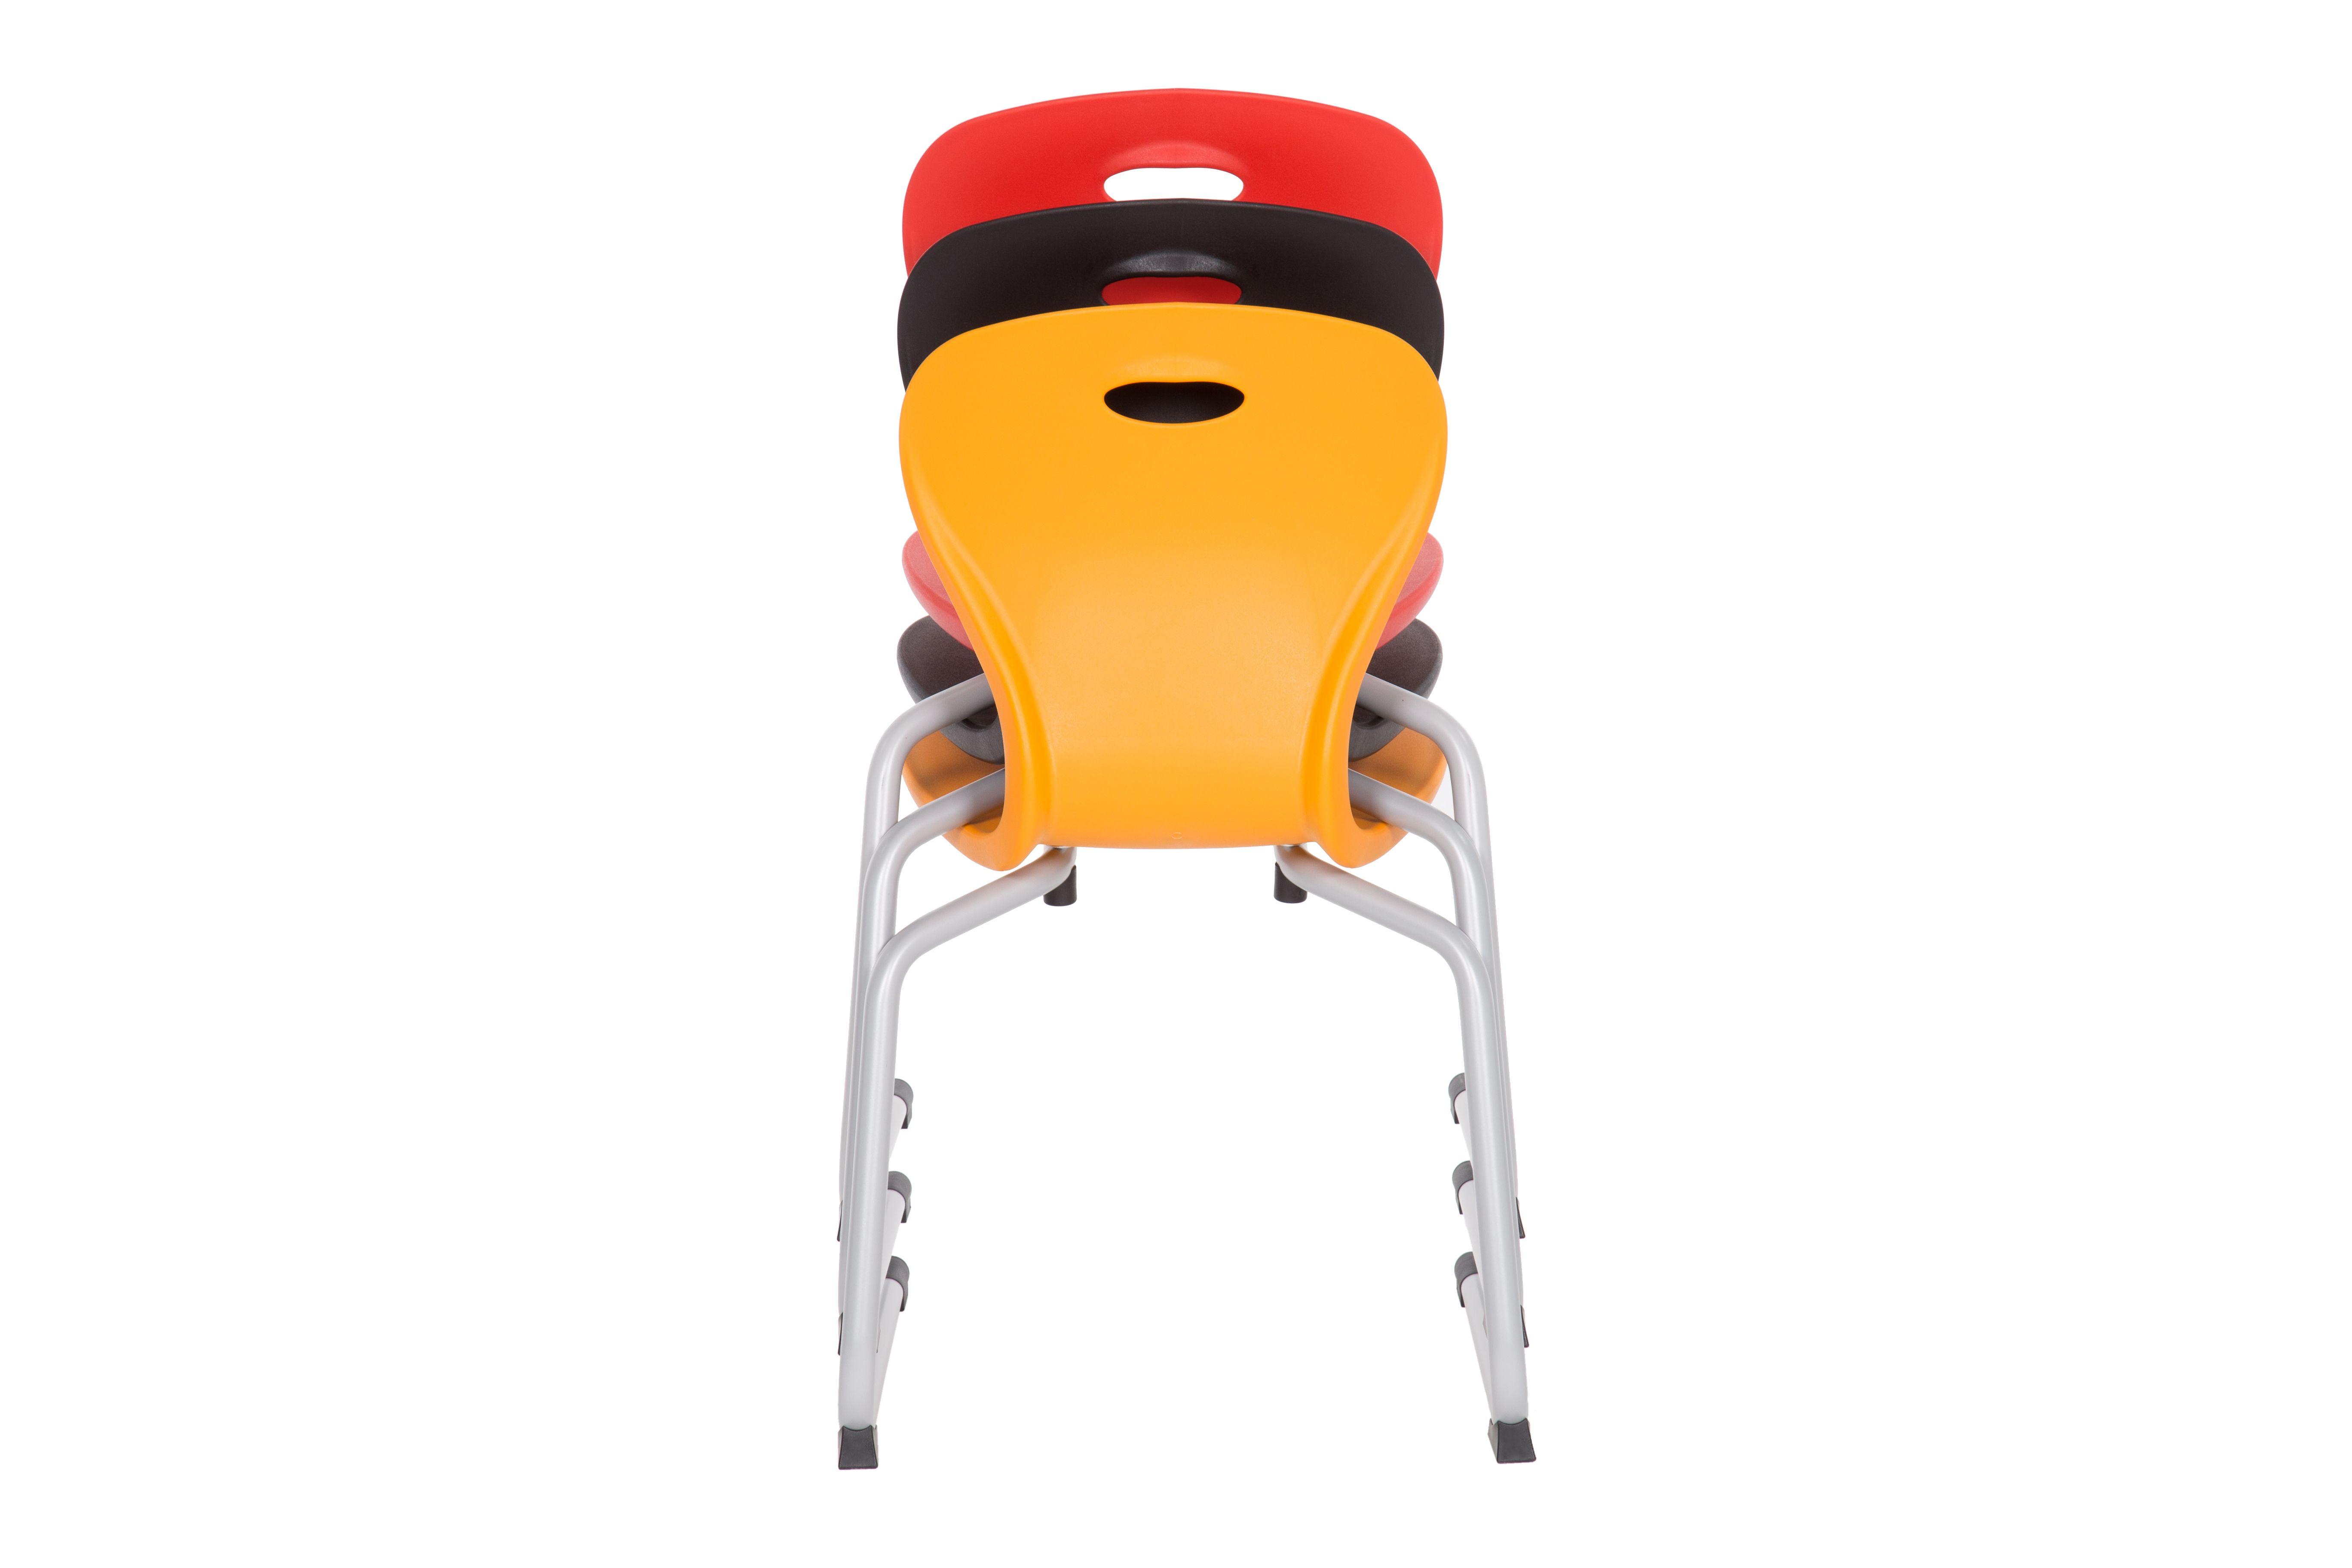 Pin by Origin Furniture on LOTUS Chairs Lotus, Sitting